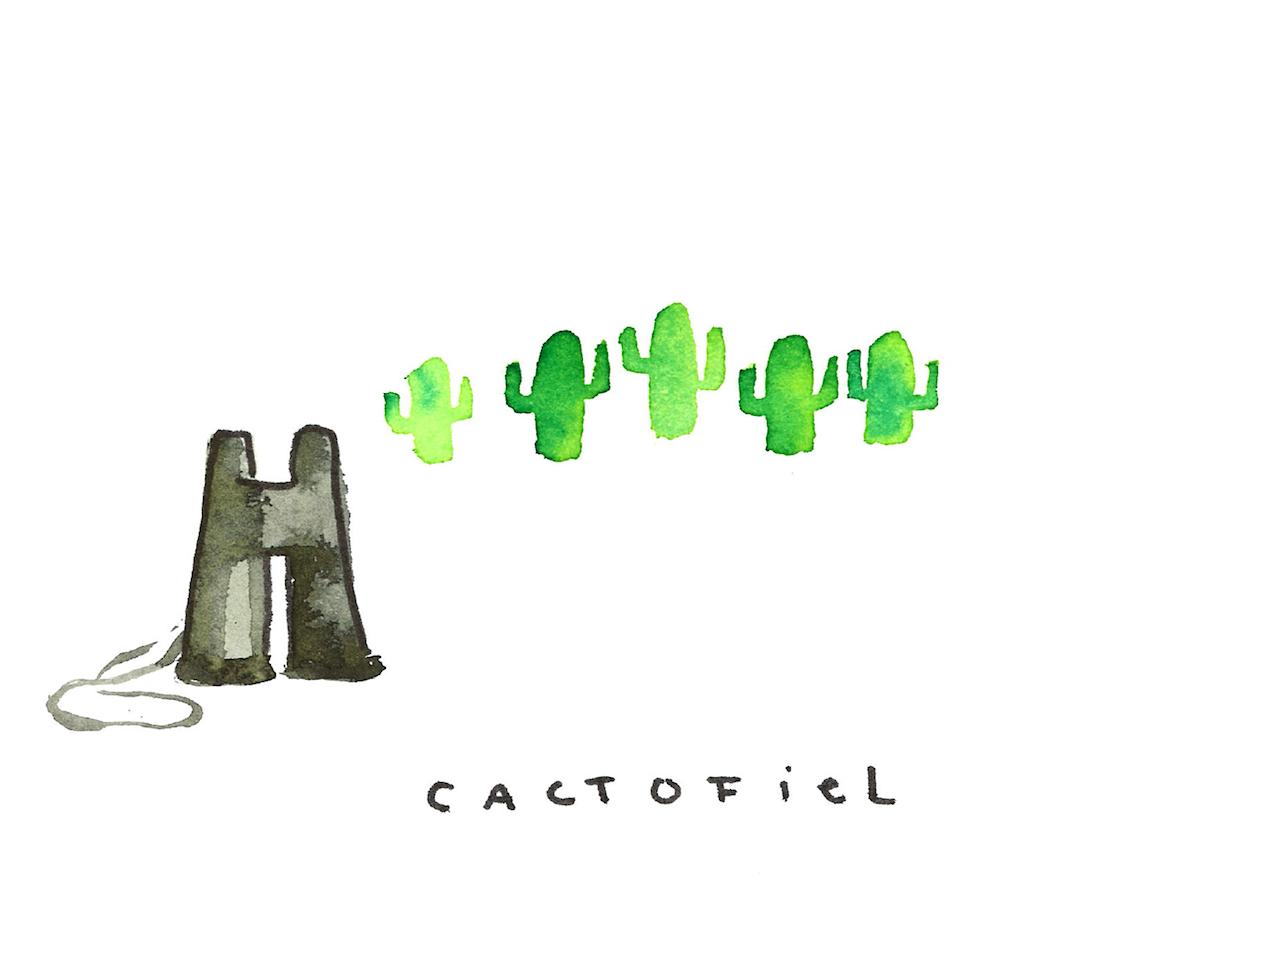 cactofiel